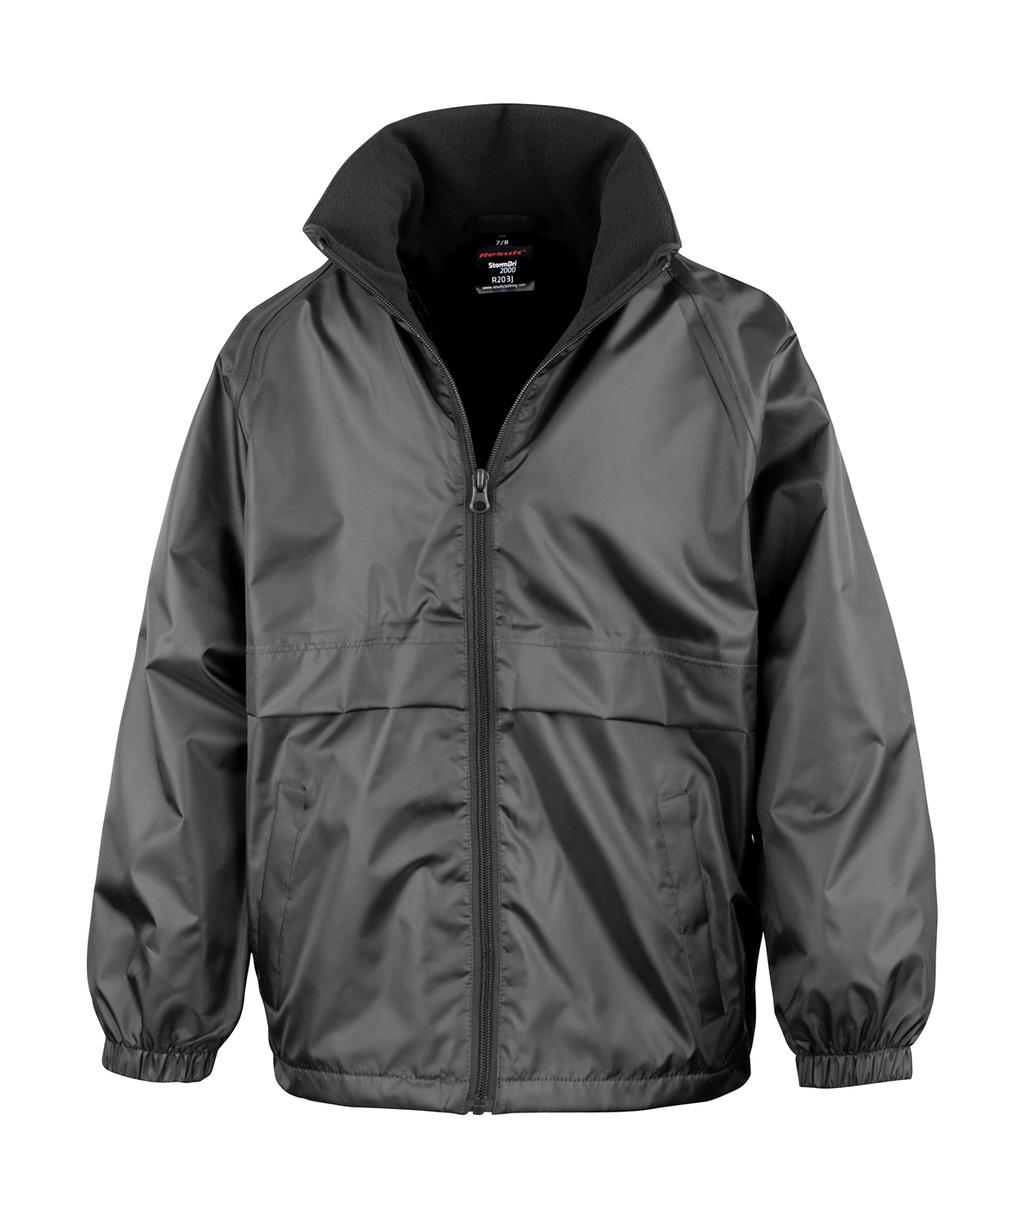 Dìtská bunda s podšívkou z mikroplyše CORE - zvìtšit obrázek